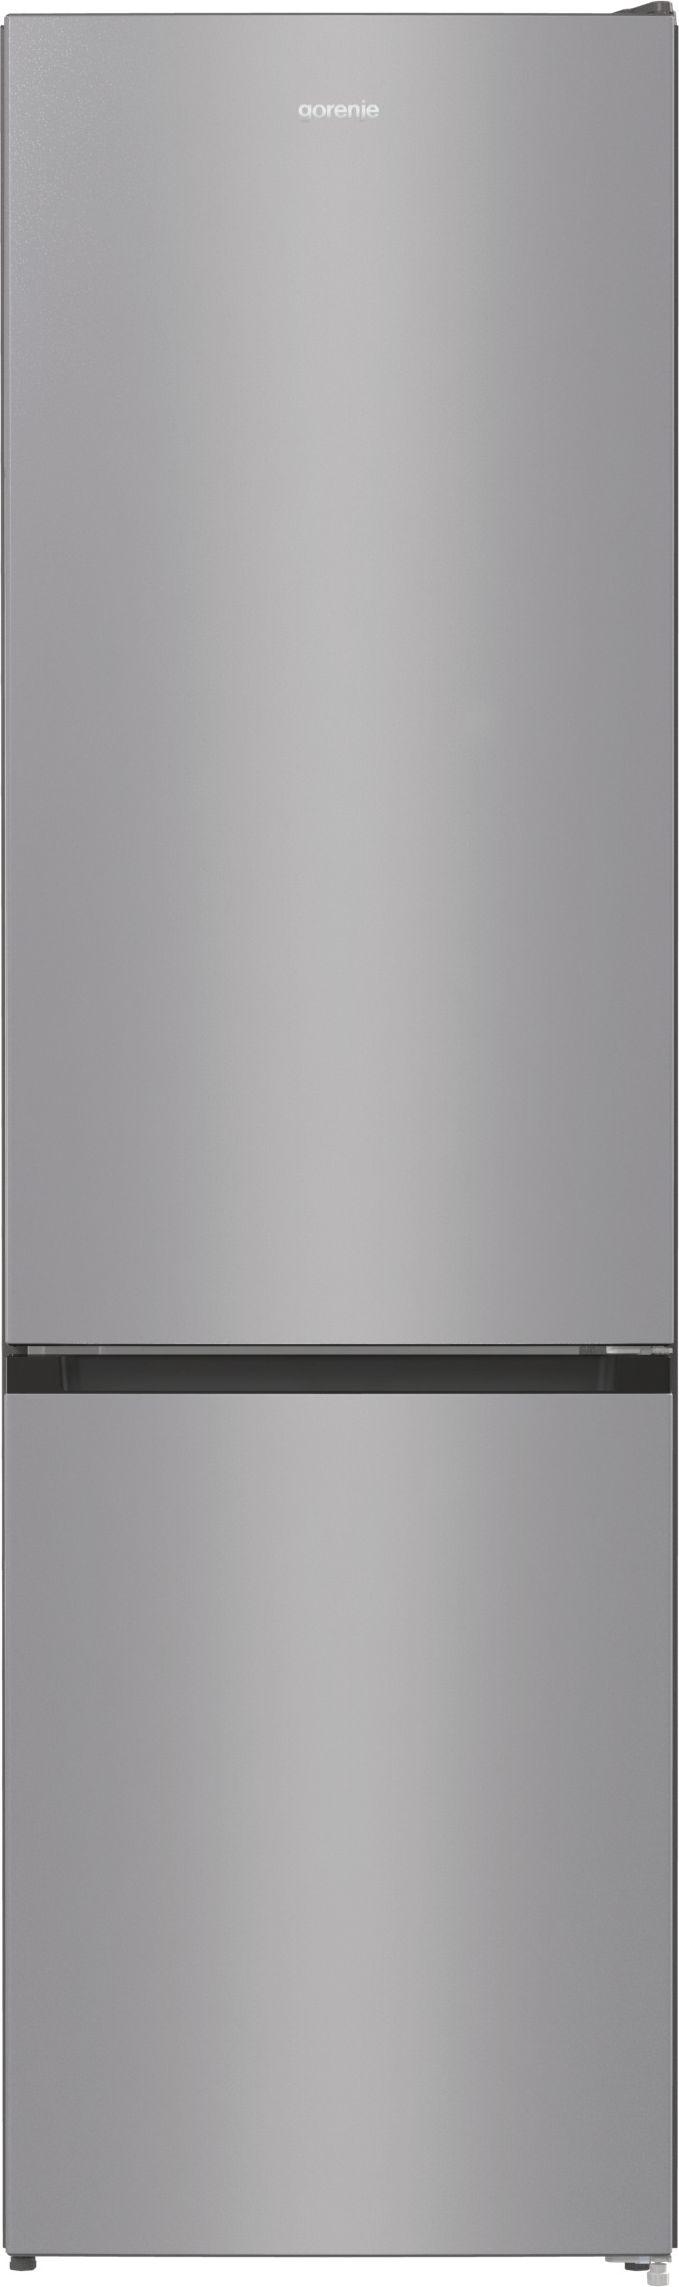 Холодильник Gorenje NRK 6201 PS4